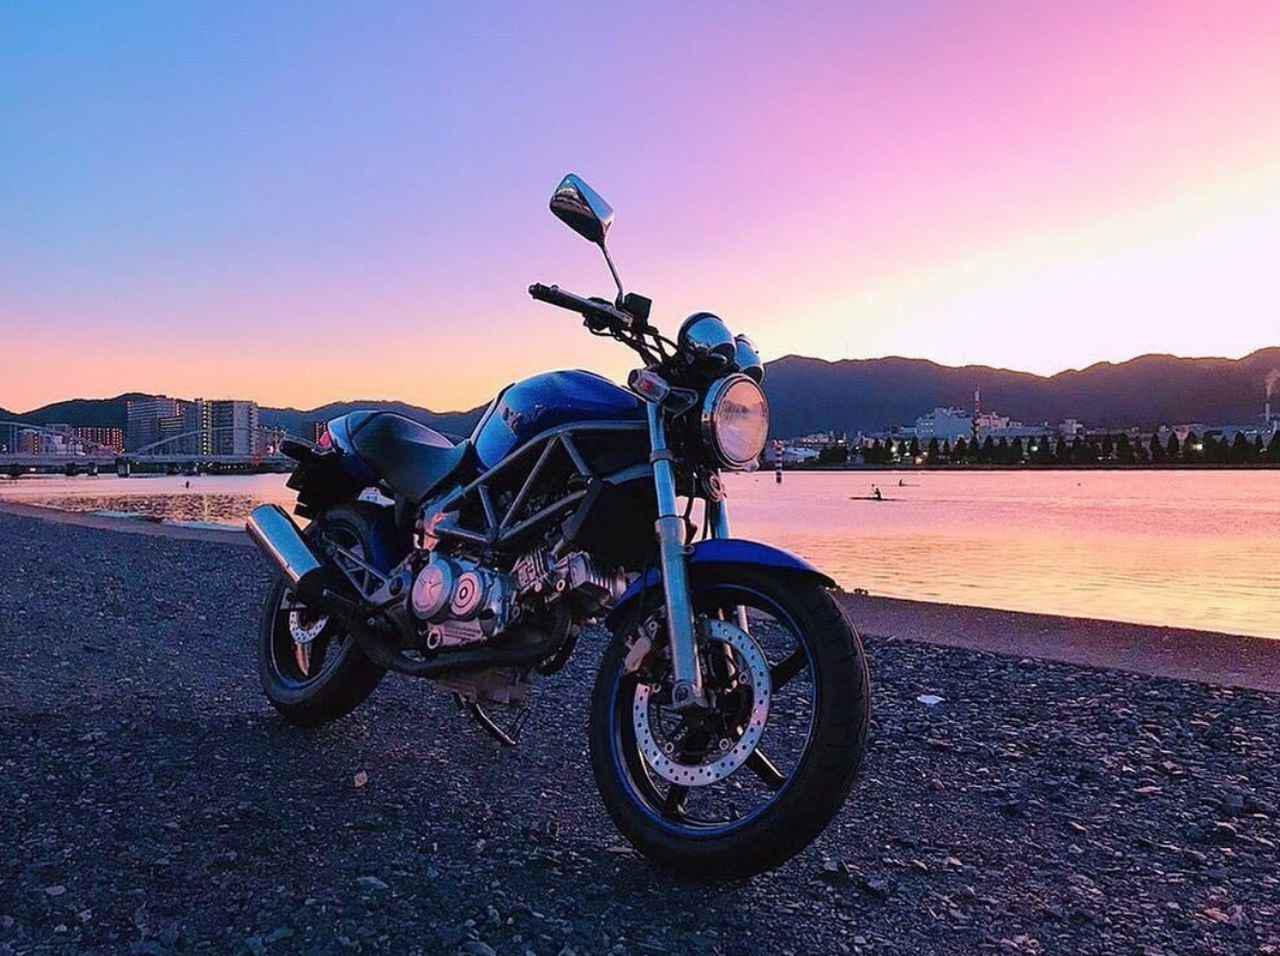 画像: 景色に染まるホンダのバイク!【リトホンインスタ部vol.108】 - A Little Honda | ア・リトル・ホンダ(リトホン)